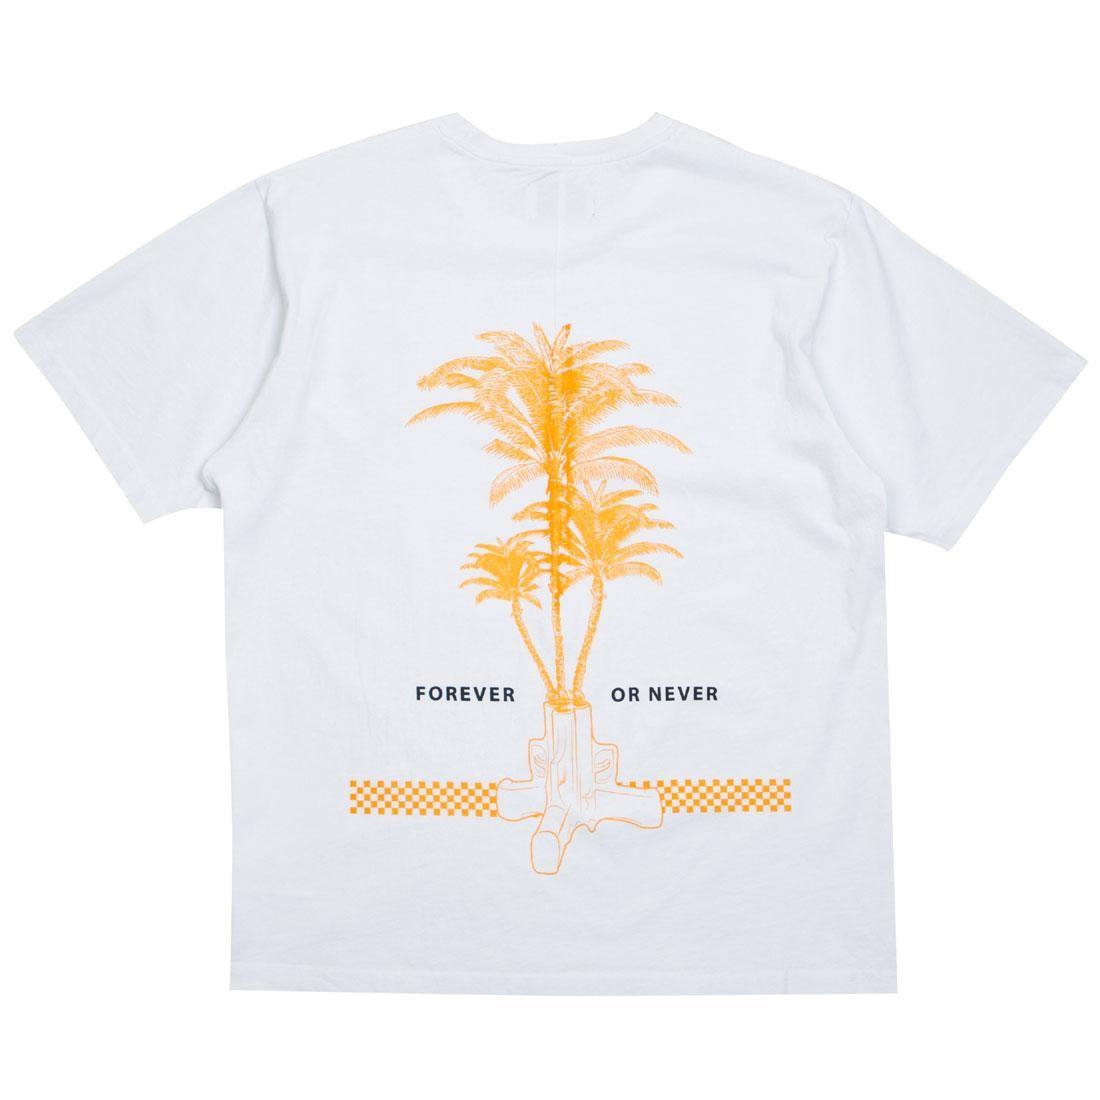 Tシャツ 白 ホワイト 【 WHITE LIFTED ANCHORS MEN FOREVER TEE 】 メンズファッション トップス Tシャツ カットソー